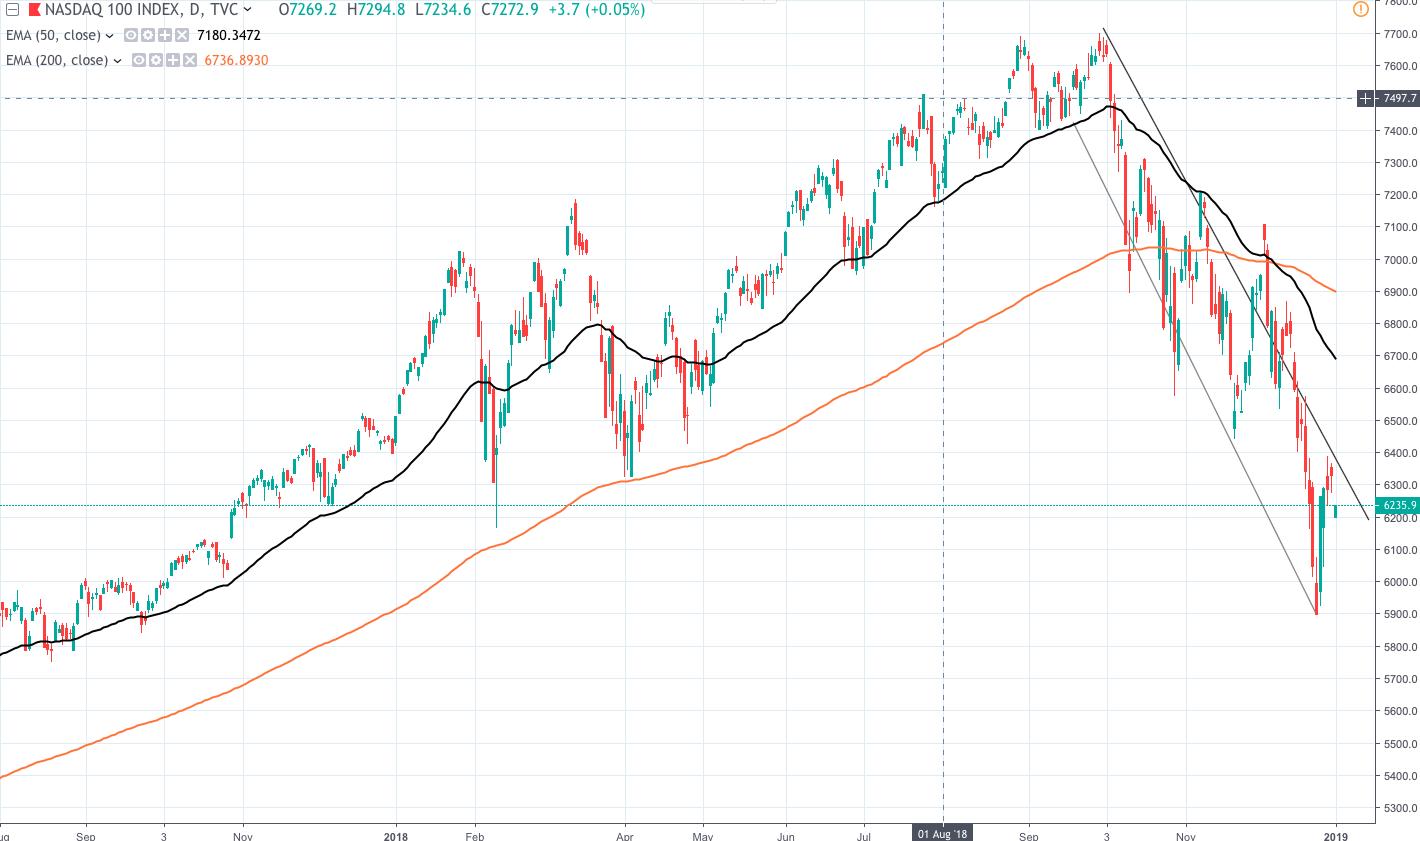 SRLN Precio de acciones y gráfico - AMEX:SRLN — TradingView